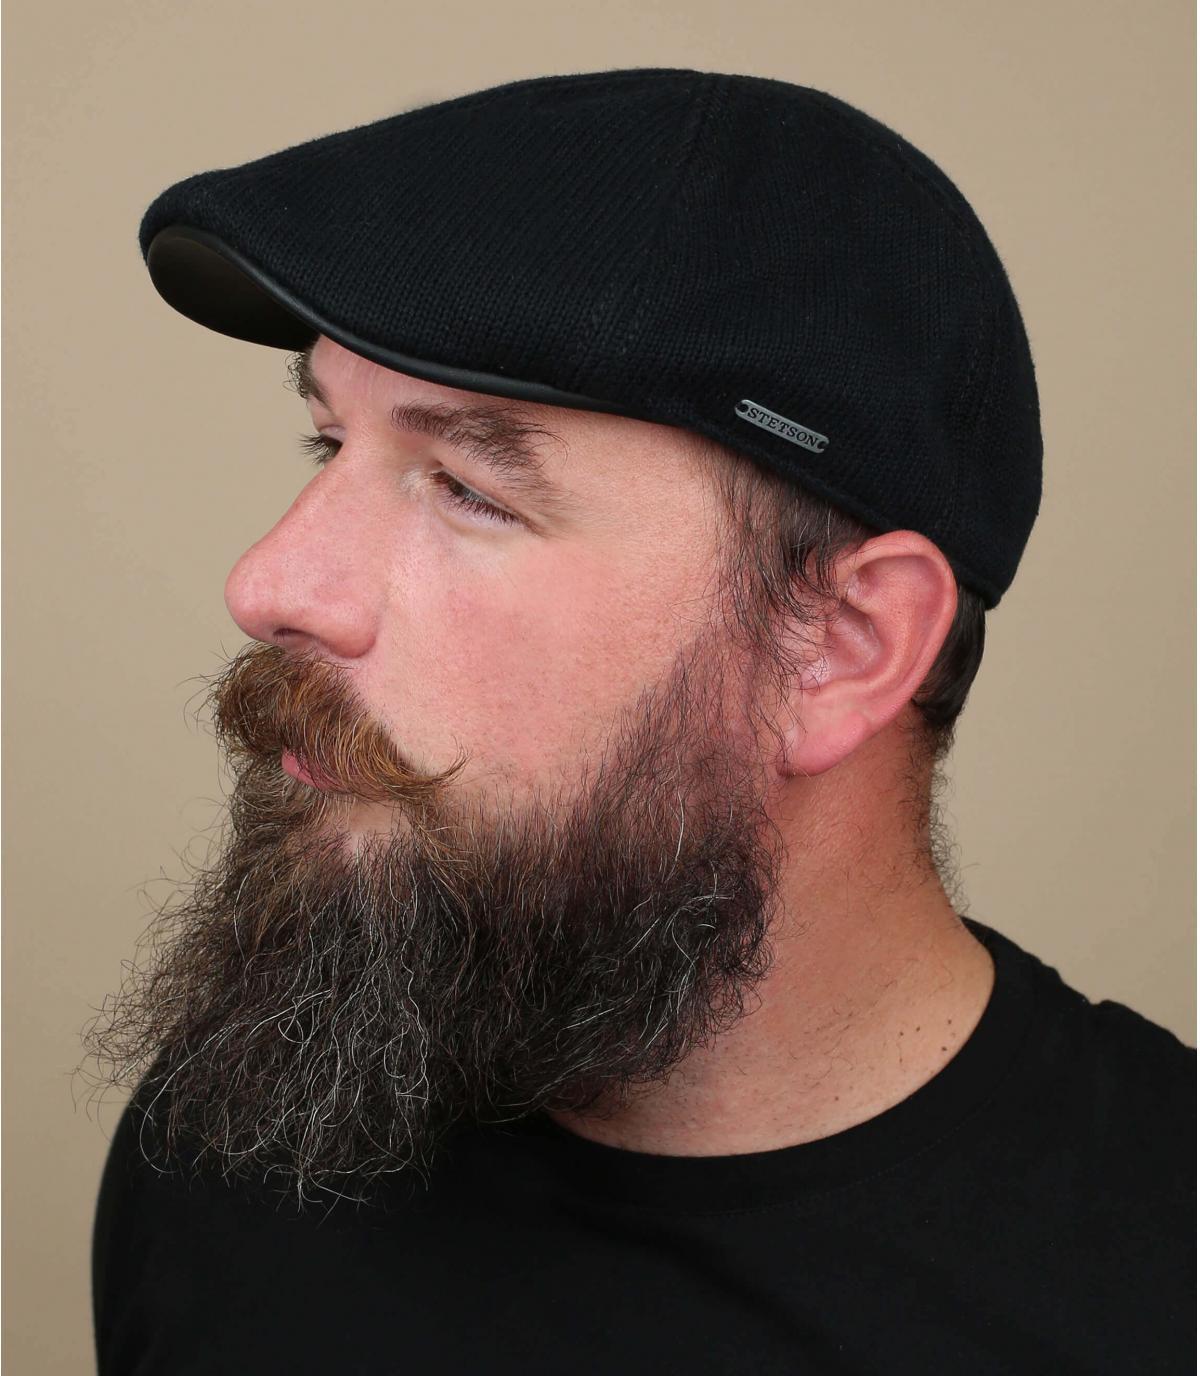 Cappellino piatto nero